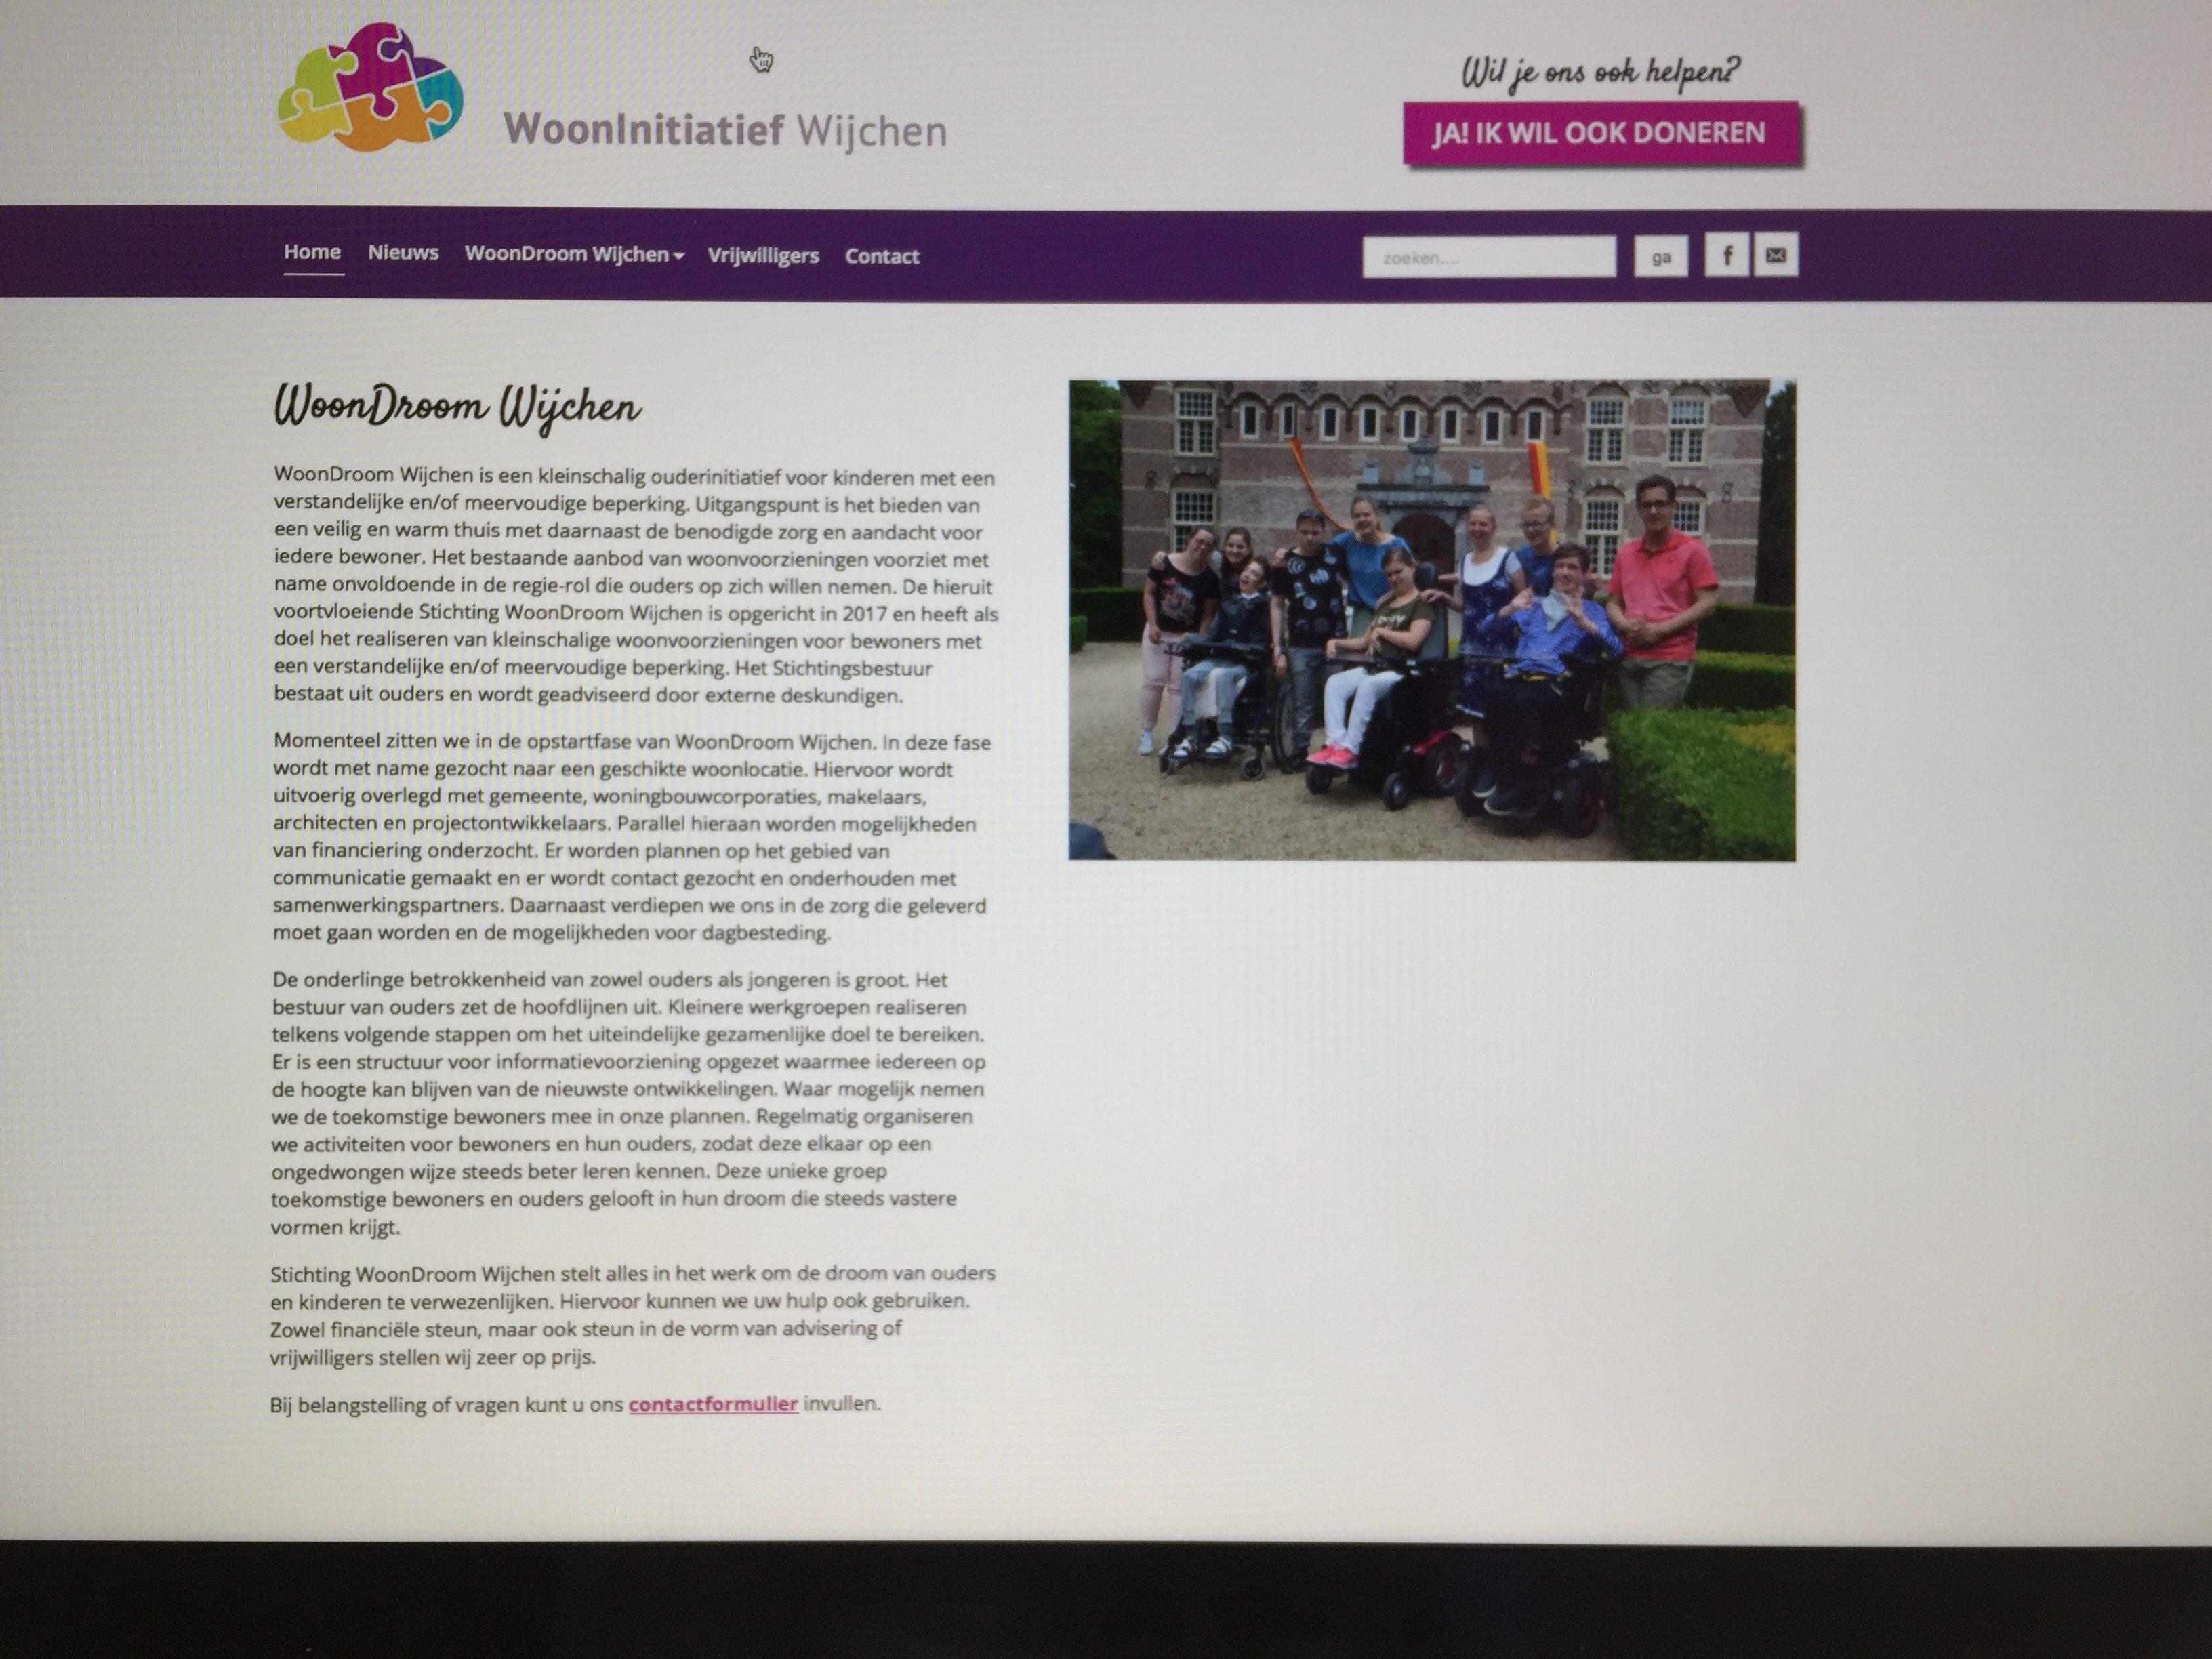 Lancering website WoonDroom Wijchen